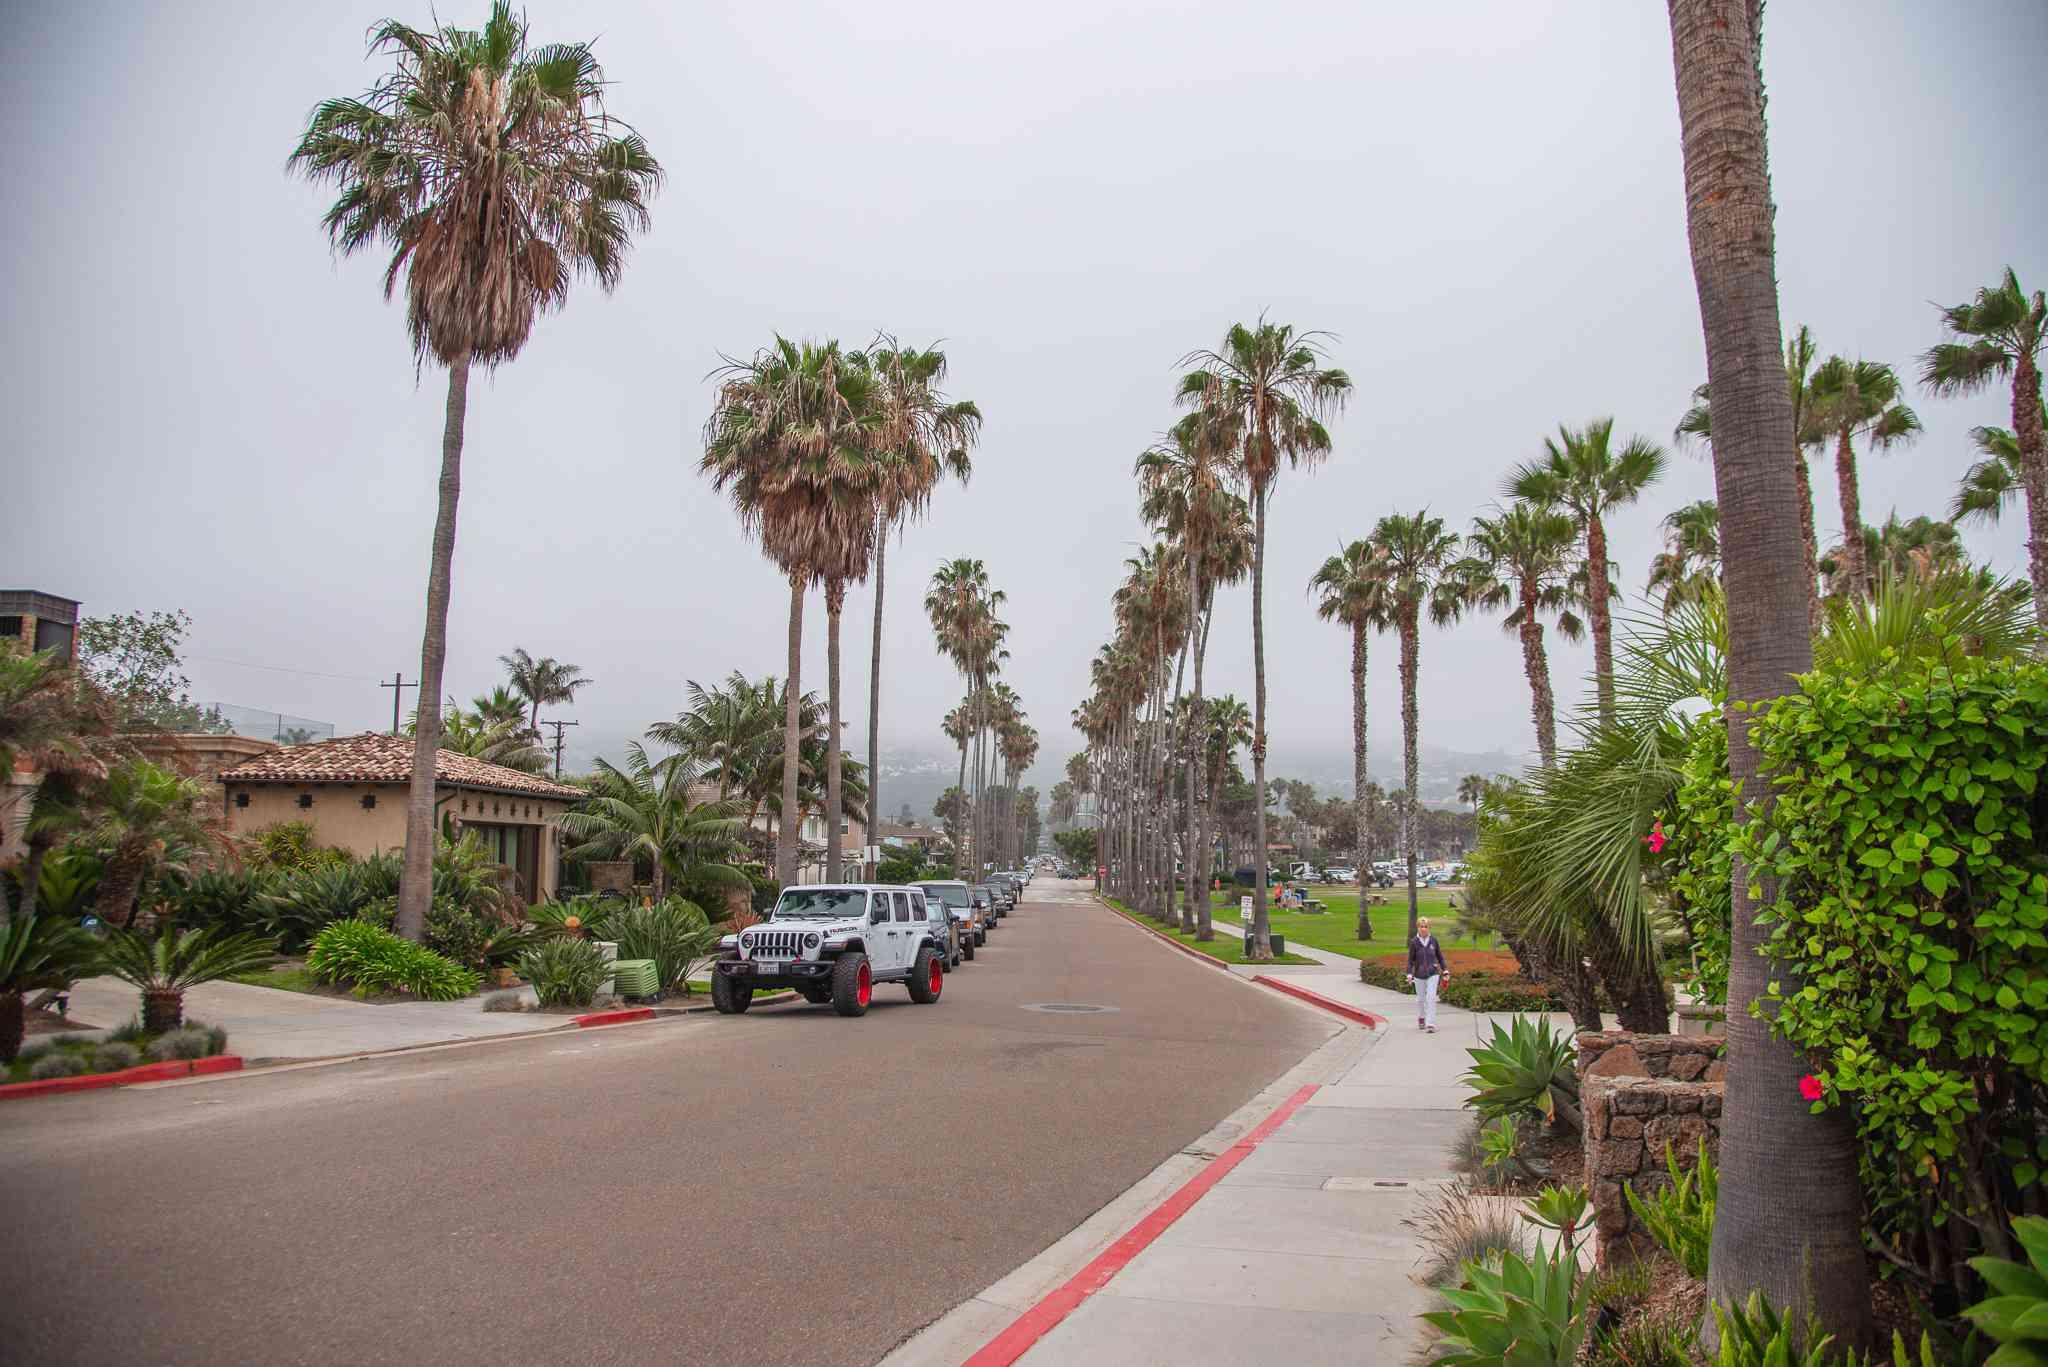 A street in La Jolla